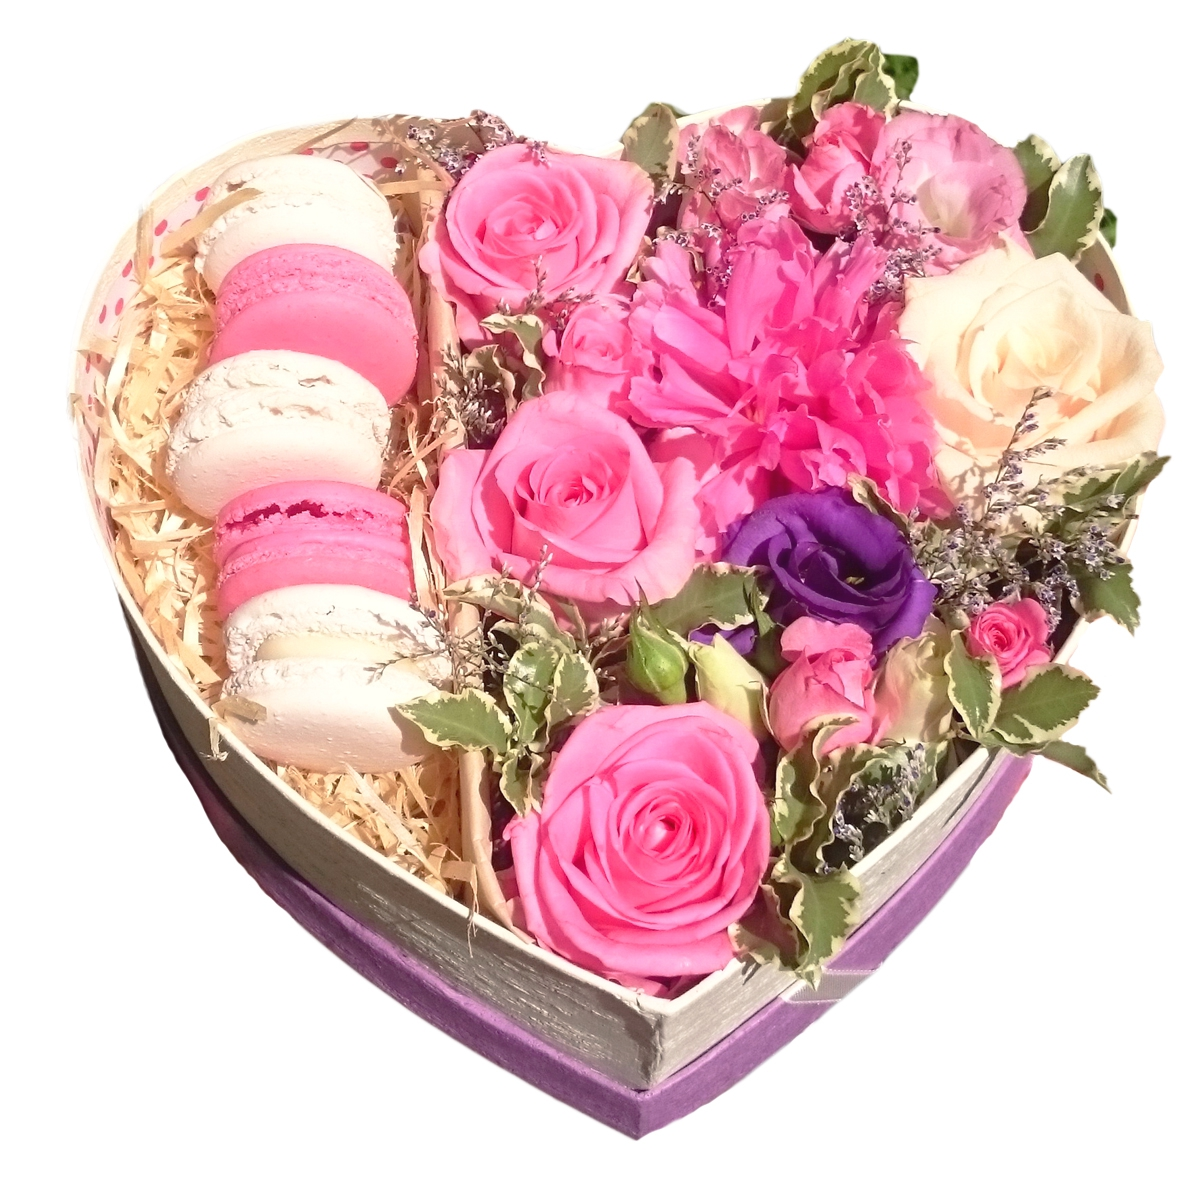 открытка с днем рождения букеты цветов сердечками в коробке